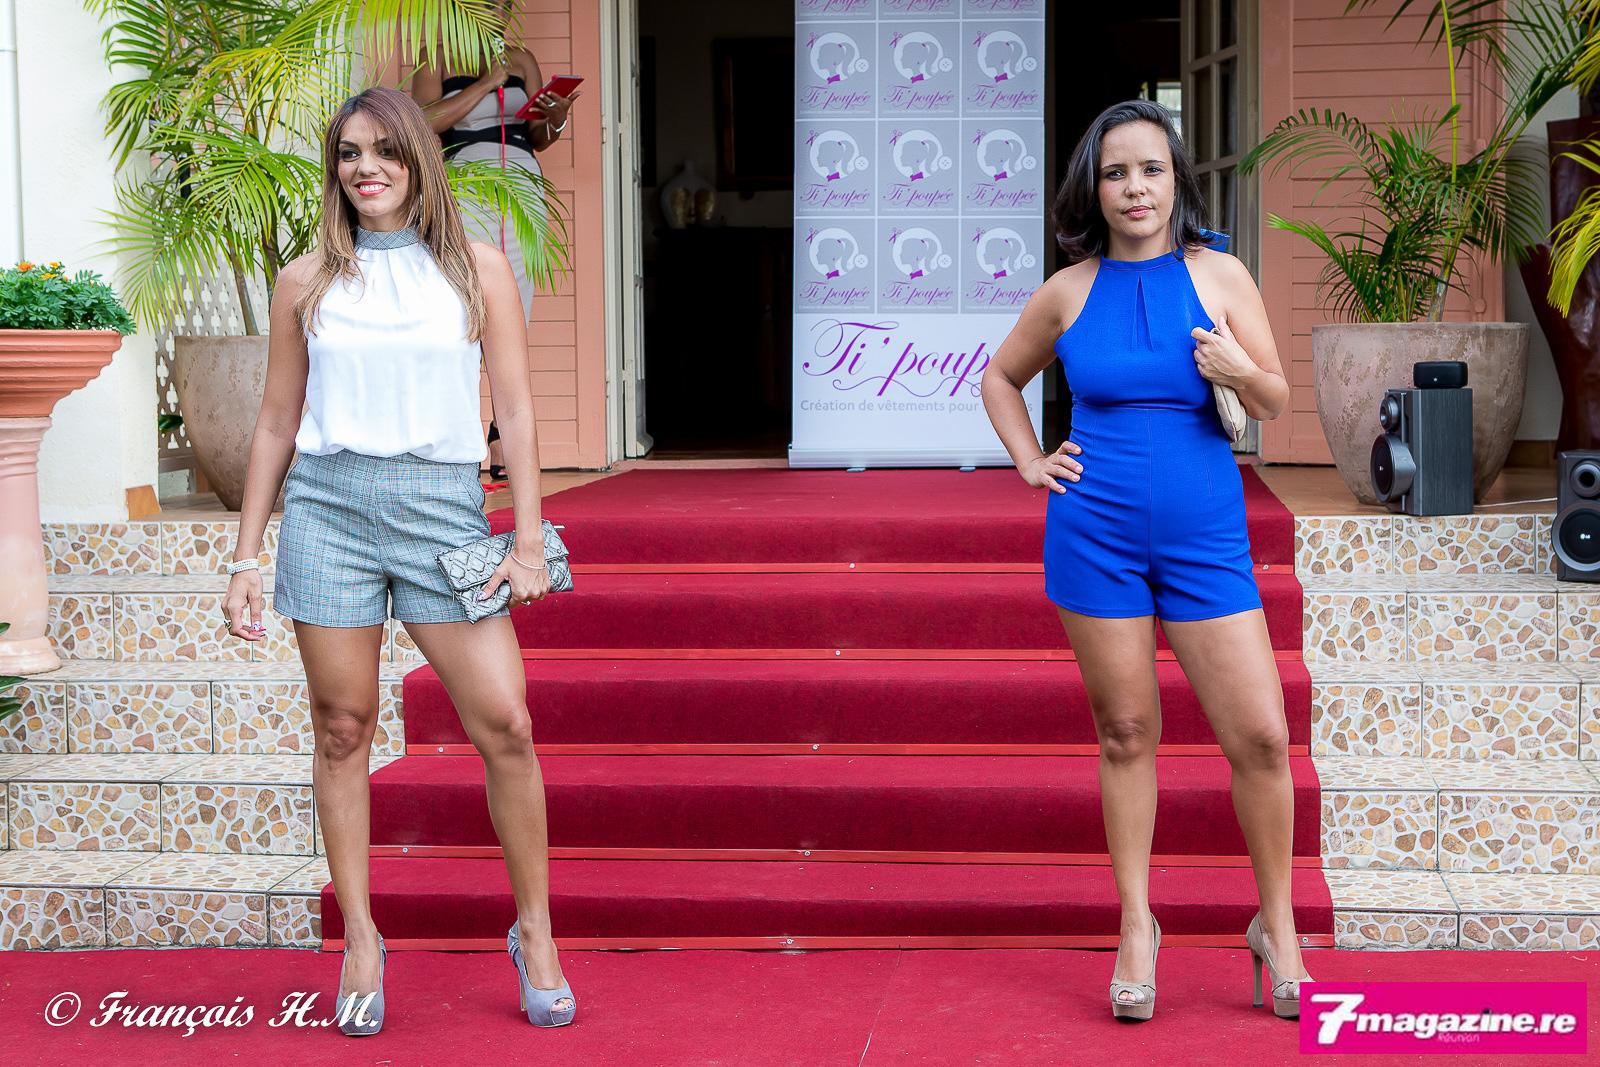 Claudia et Lucie